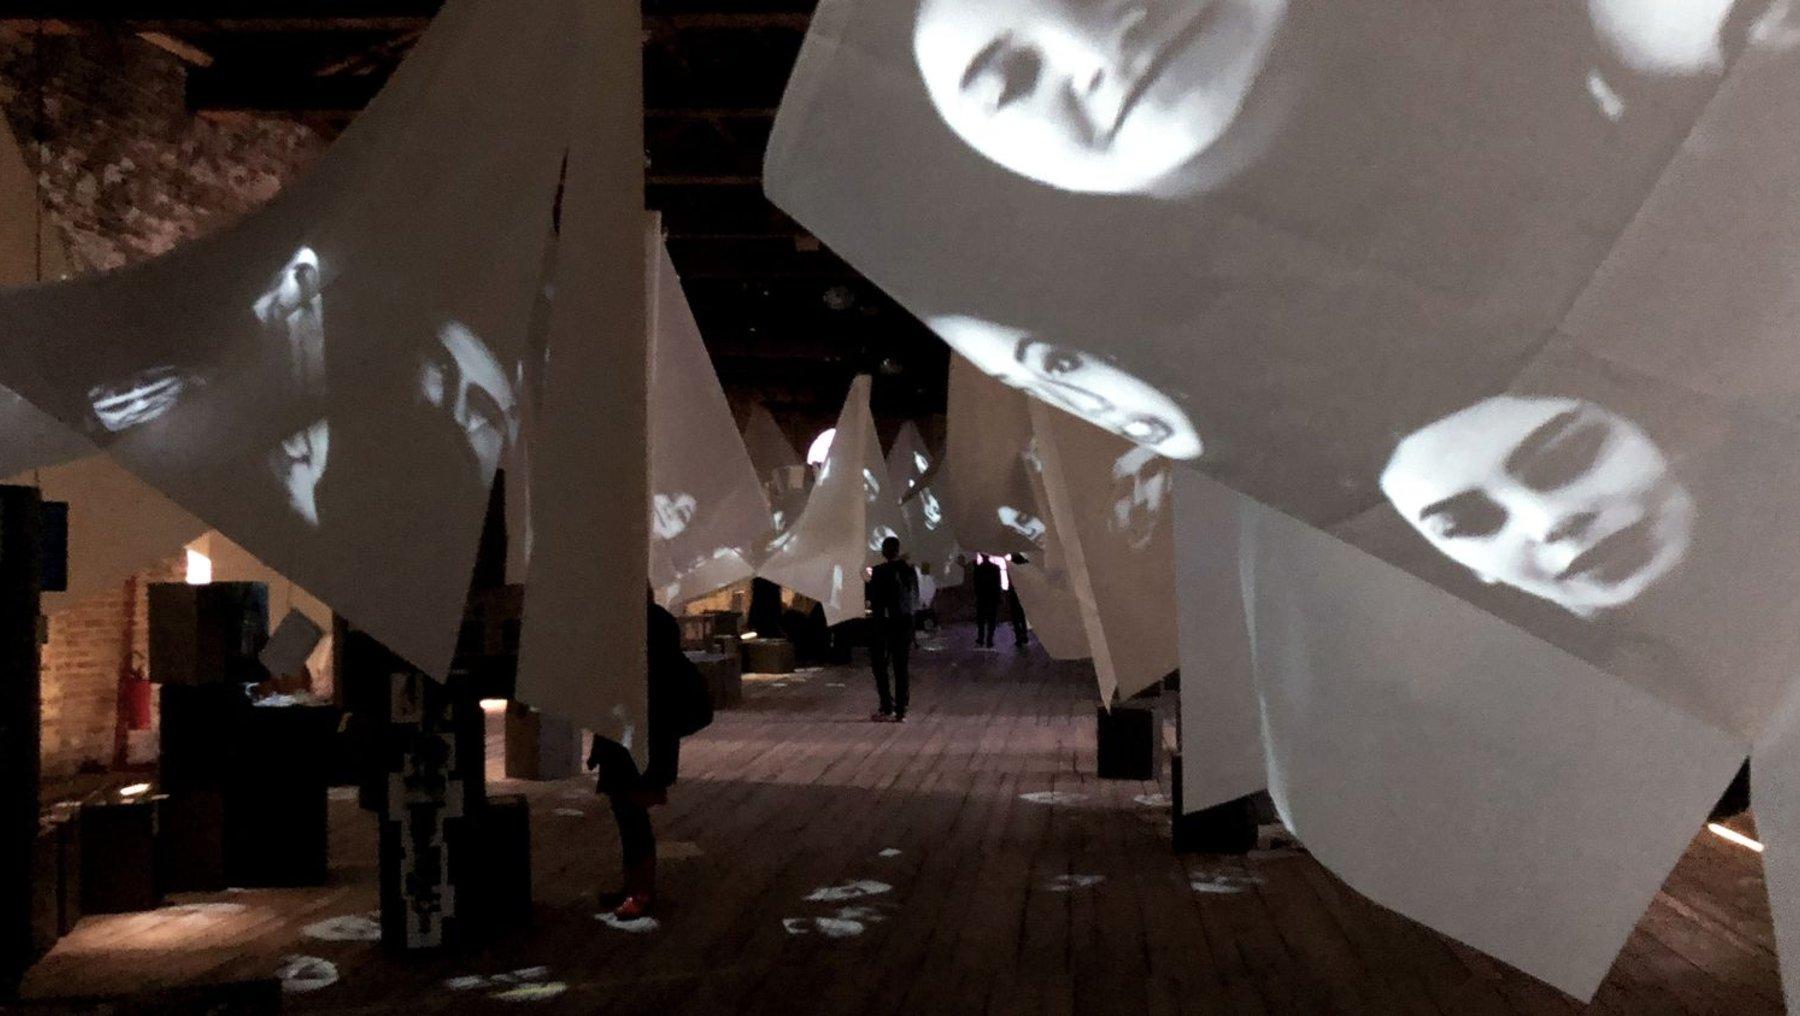 Projektionen auf hängende Stoffbahnen im türkischen Pavillon